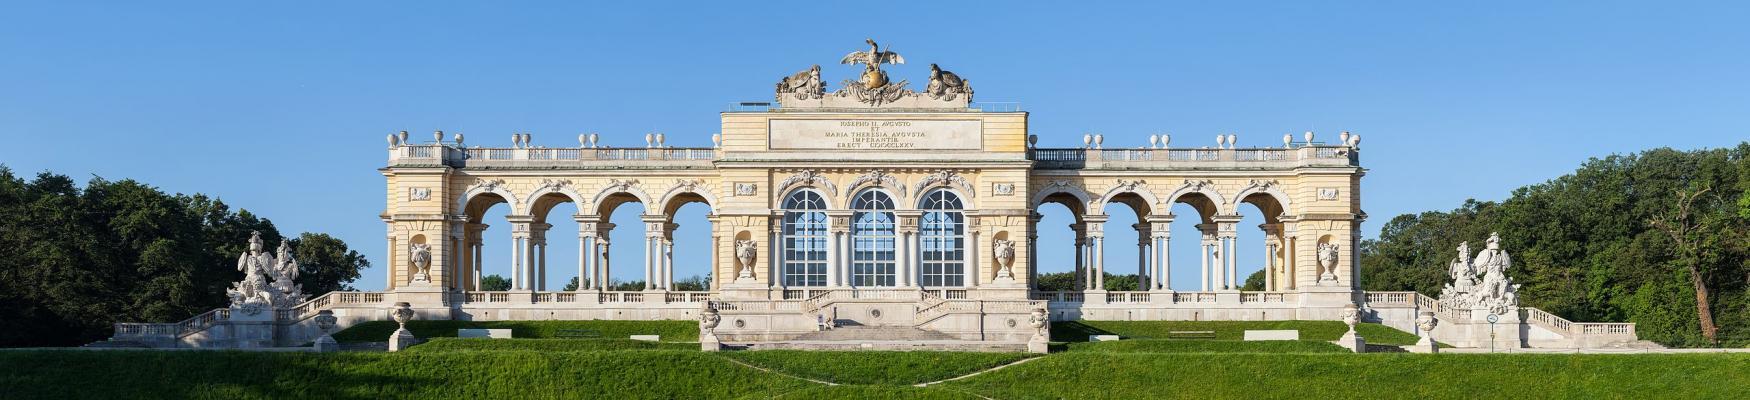 Gloriette Schoenbrunn Wien Zuschnitt